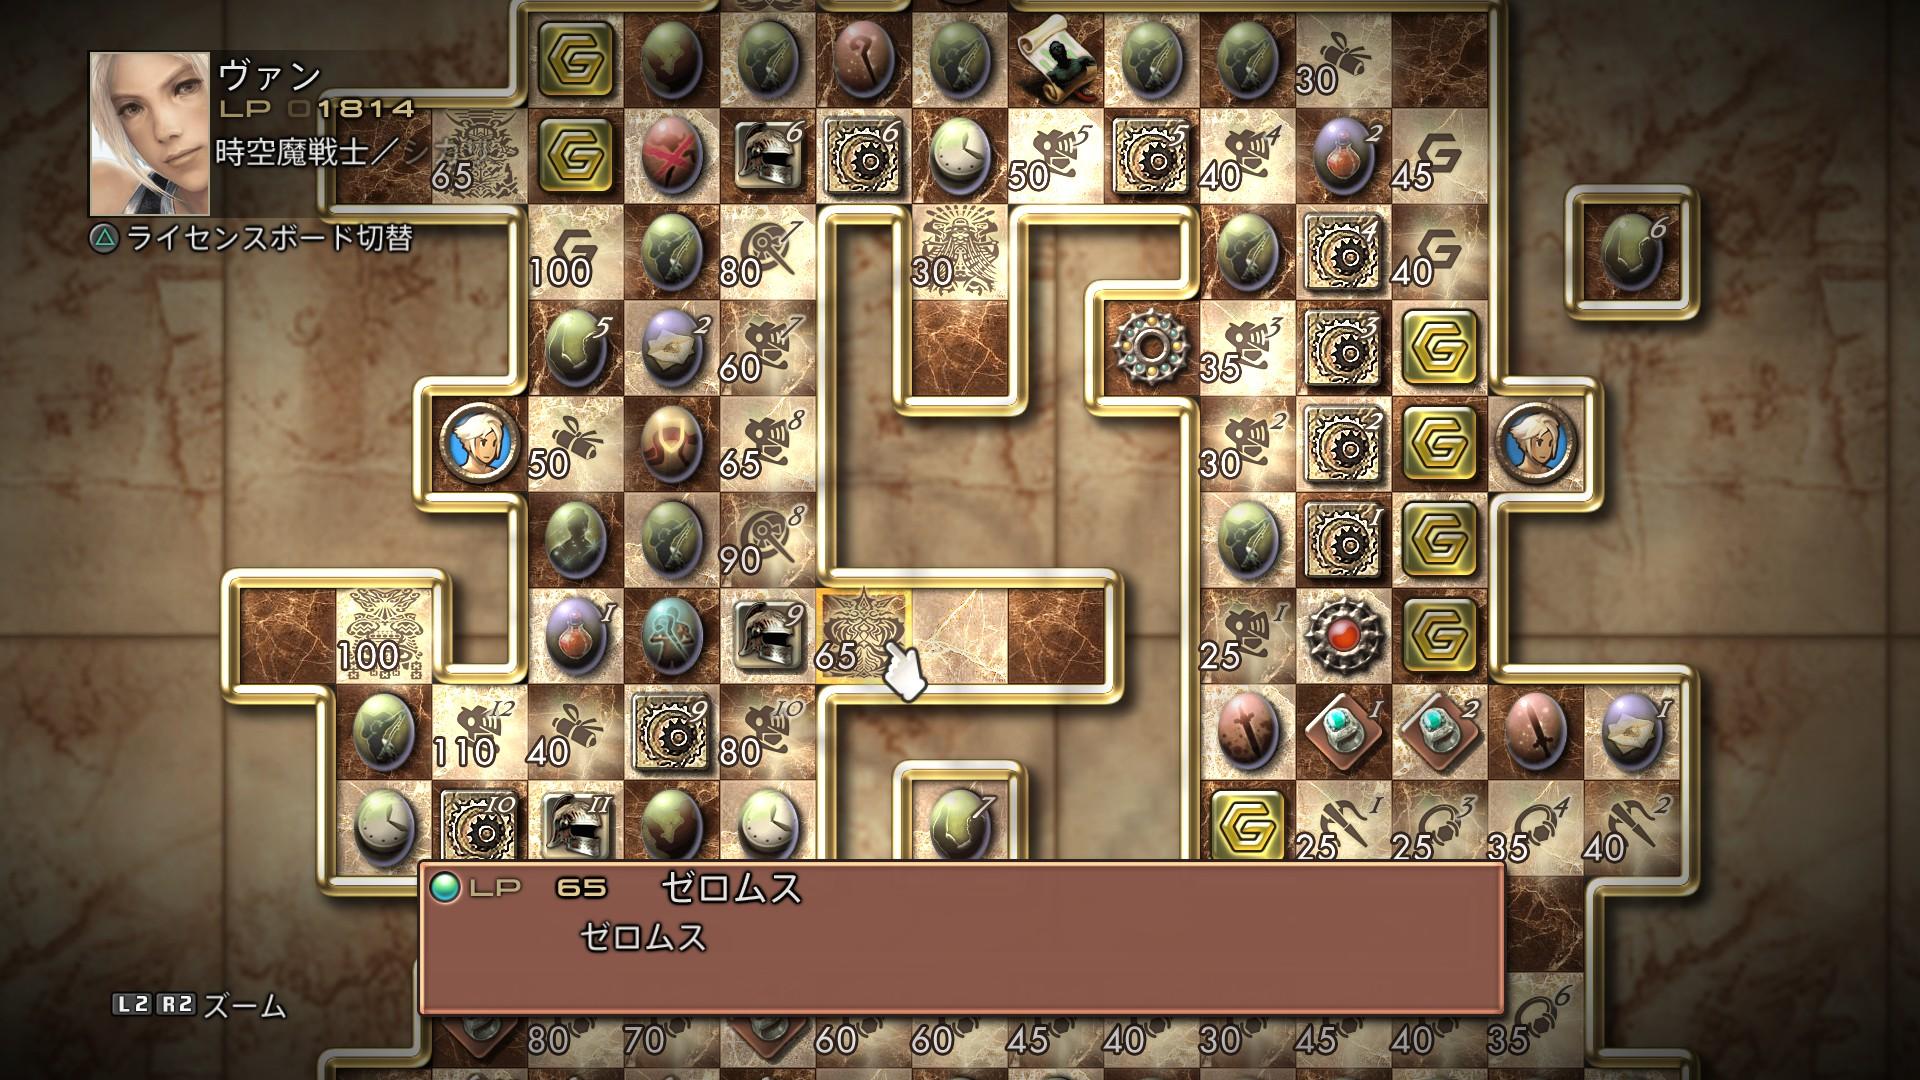 Lov, klany a nepřátelé z Final Fantasy XII: The Zodiac Age na screenshotech 146289